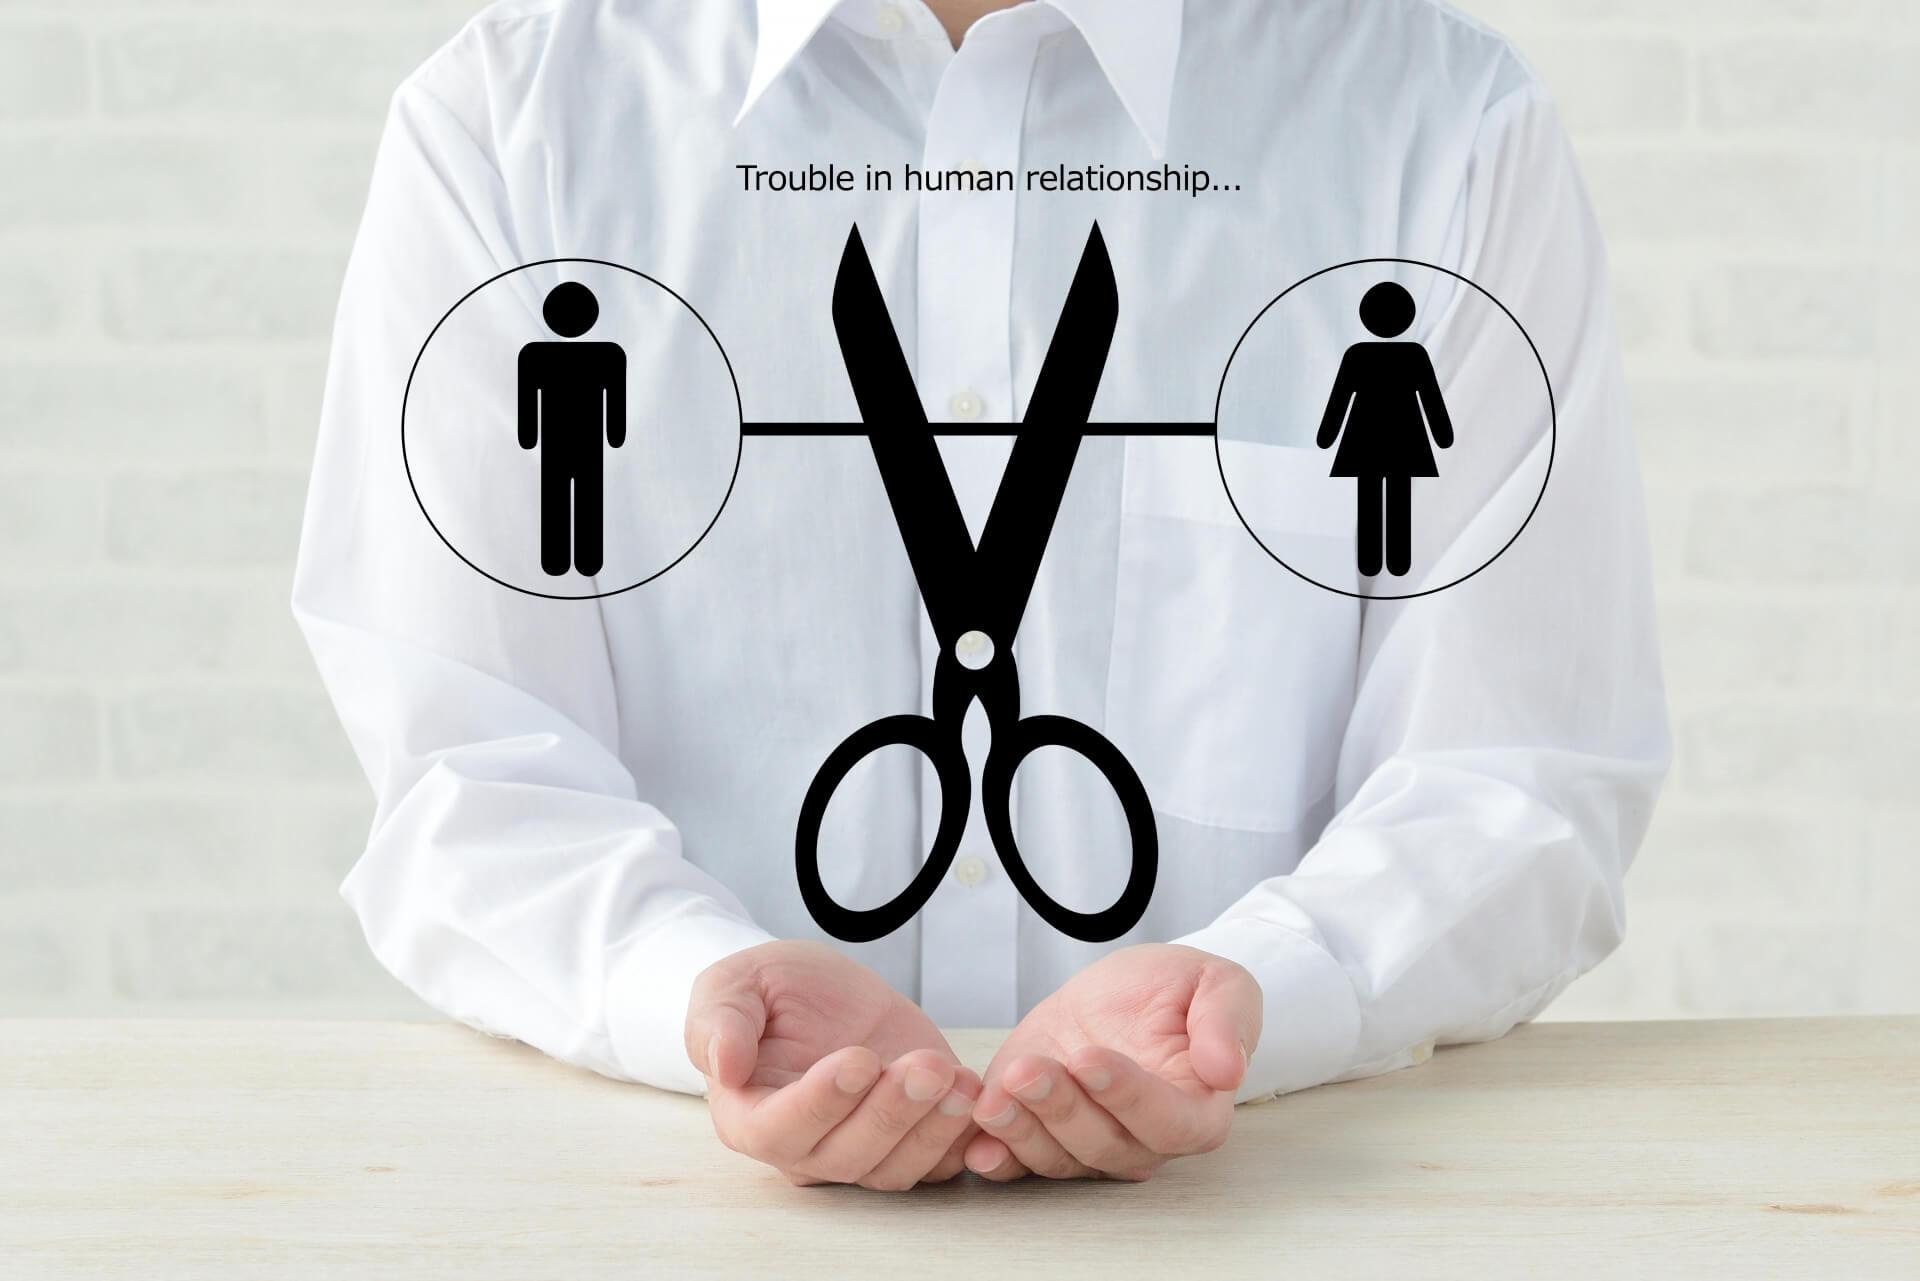 人間関係リセット症候群なのか診断チェック